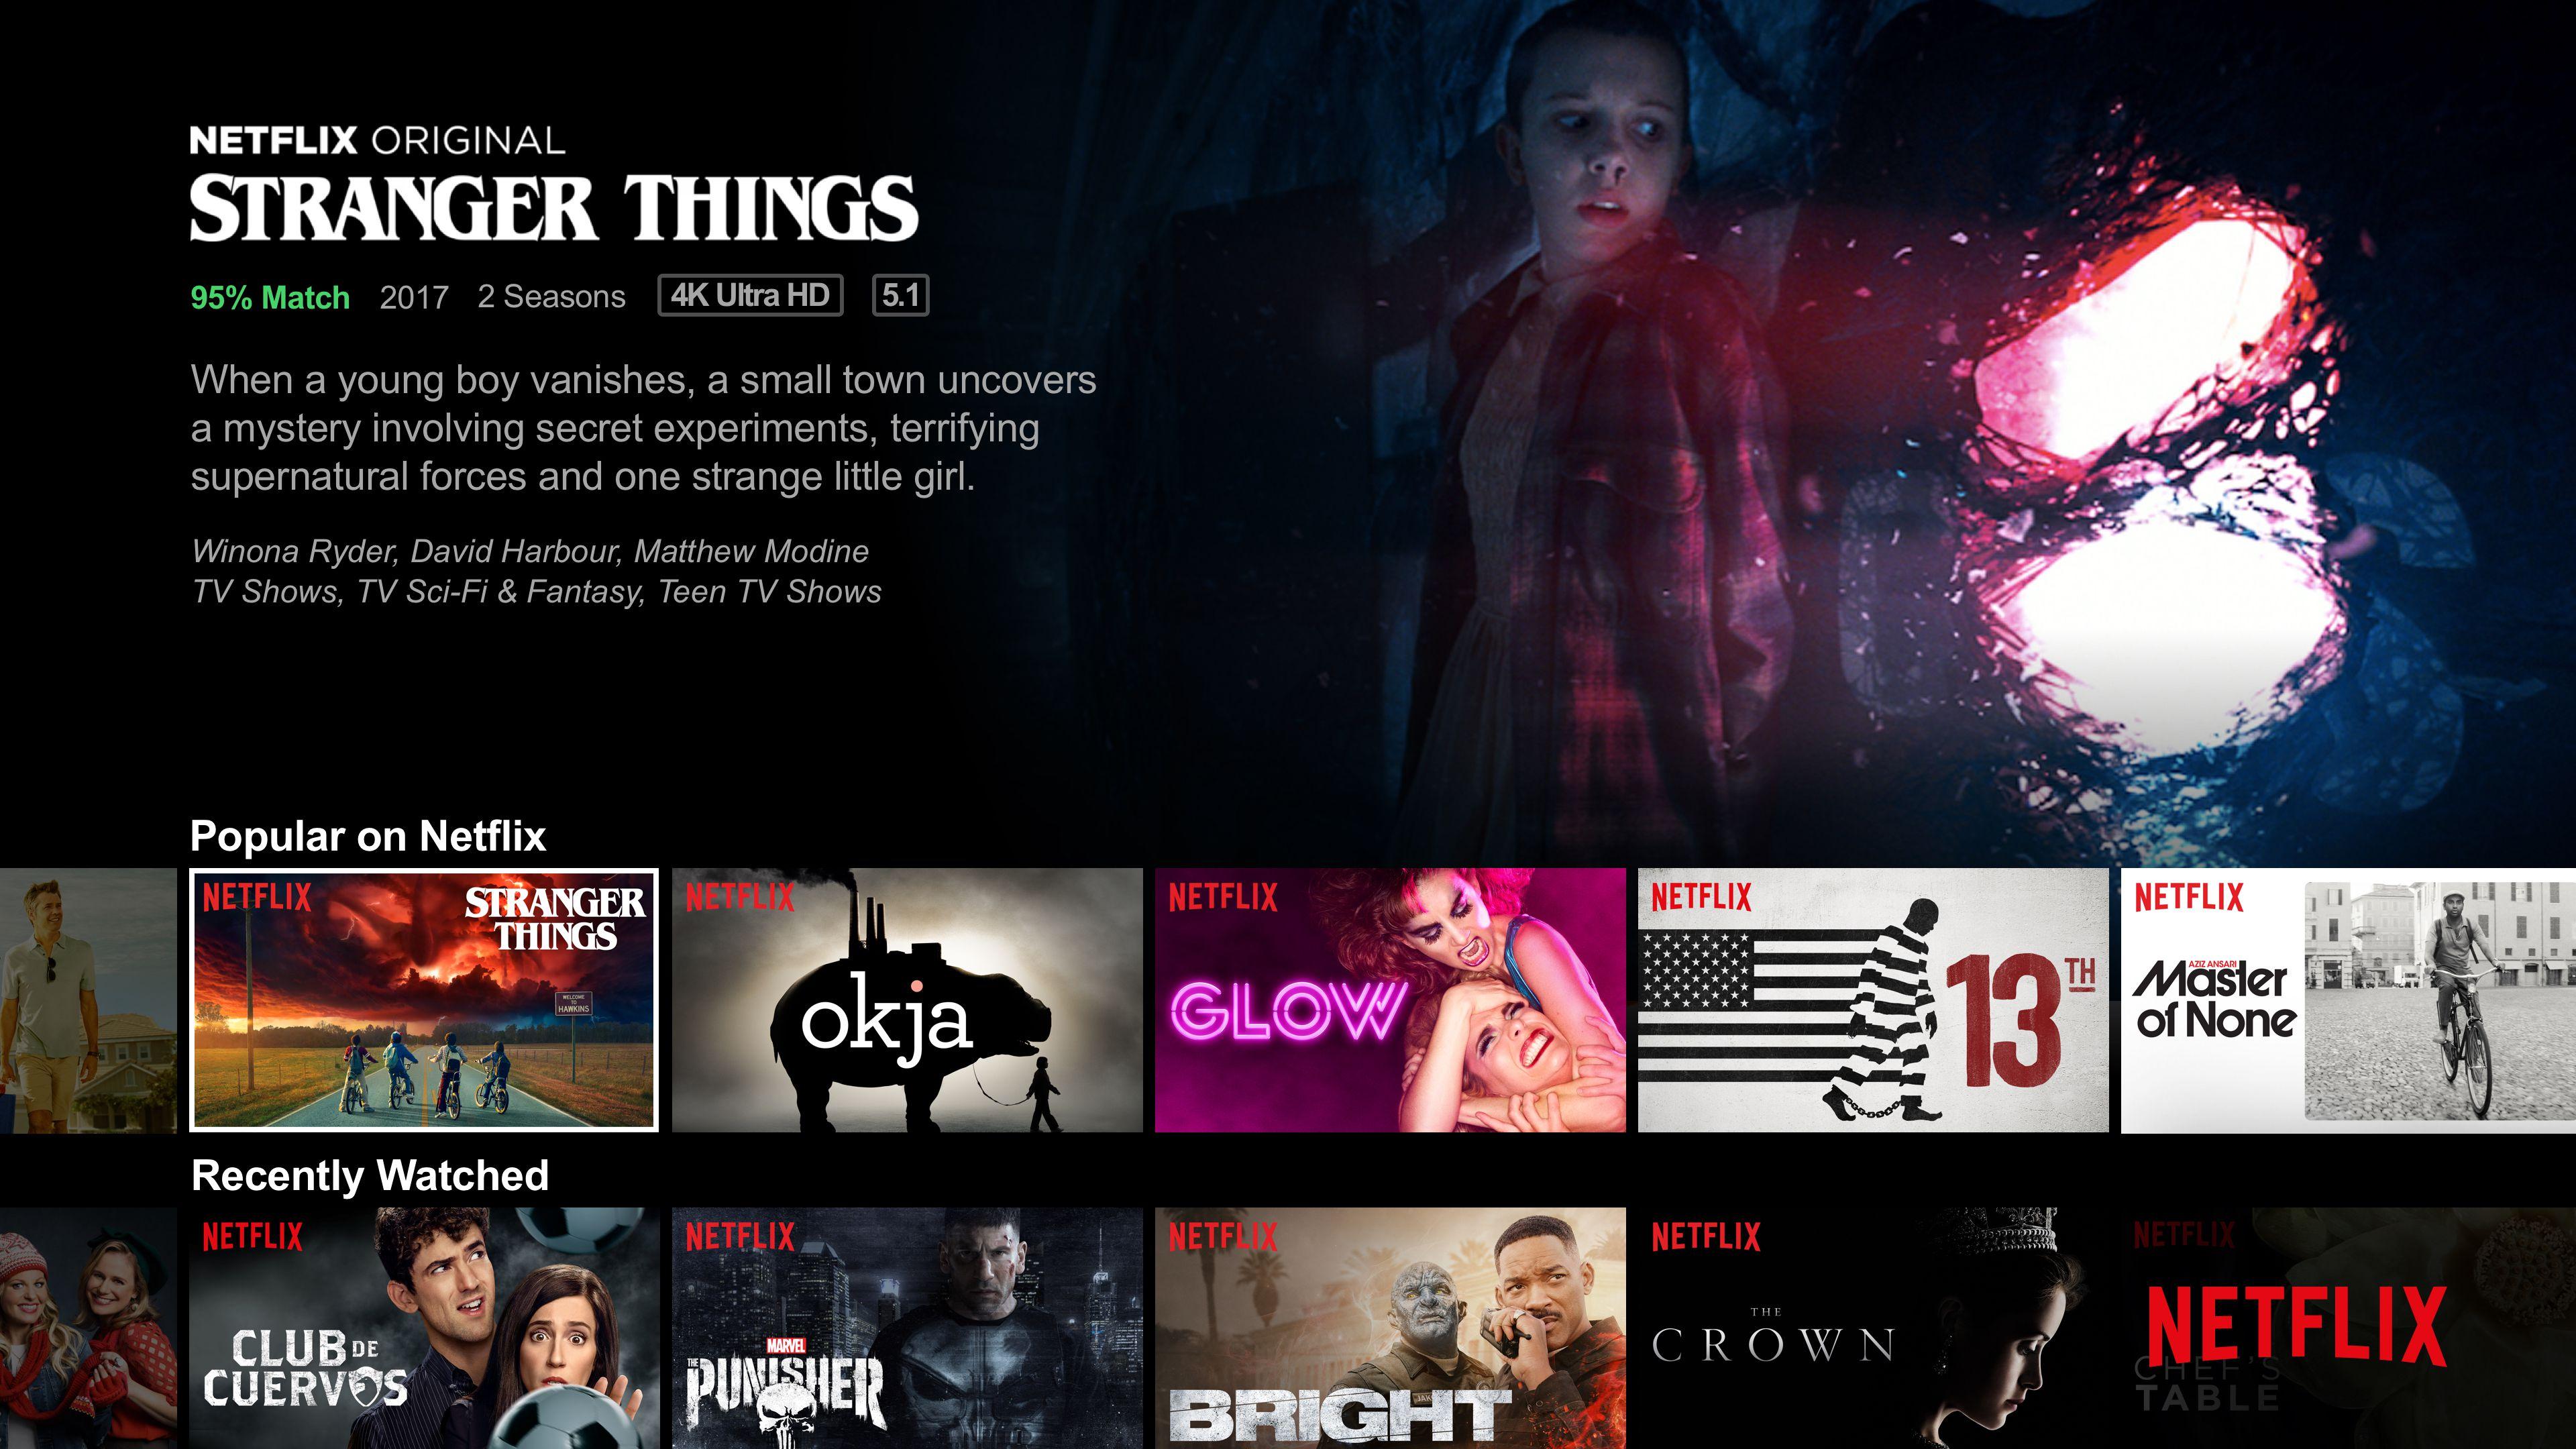 4k Serien Netflix